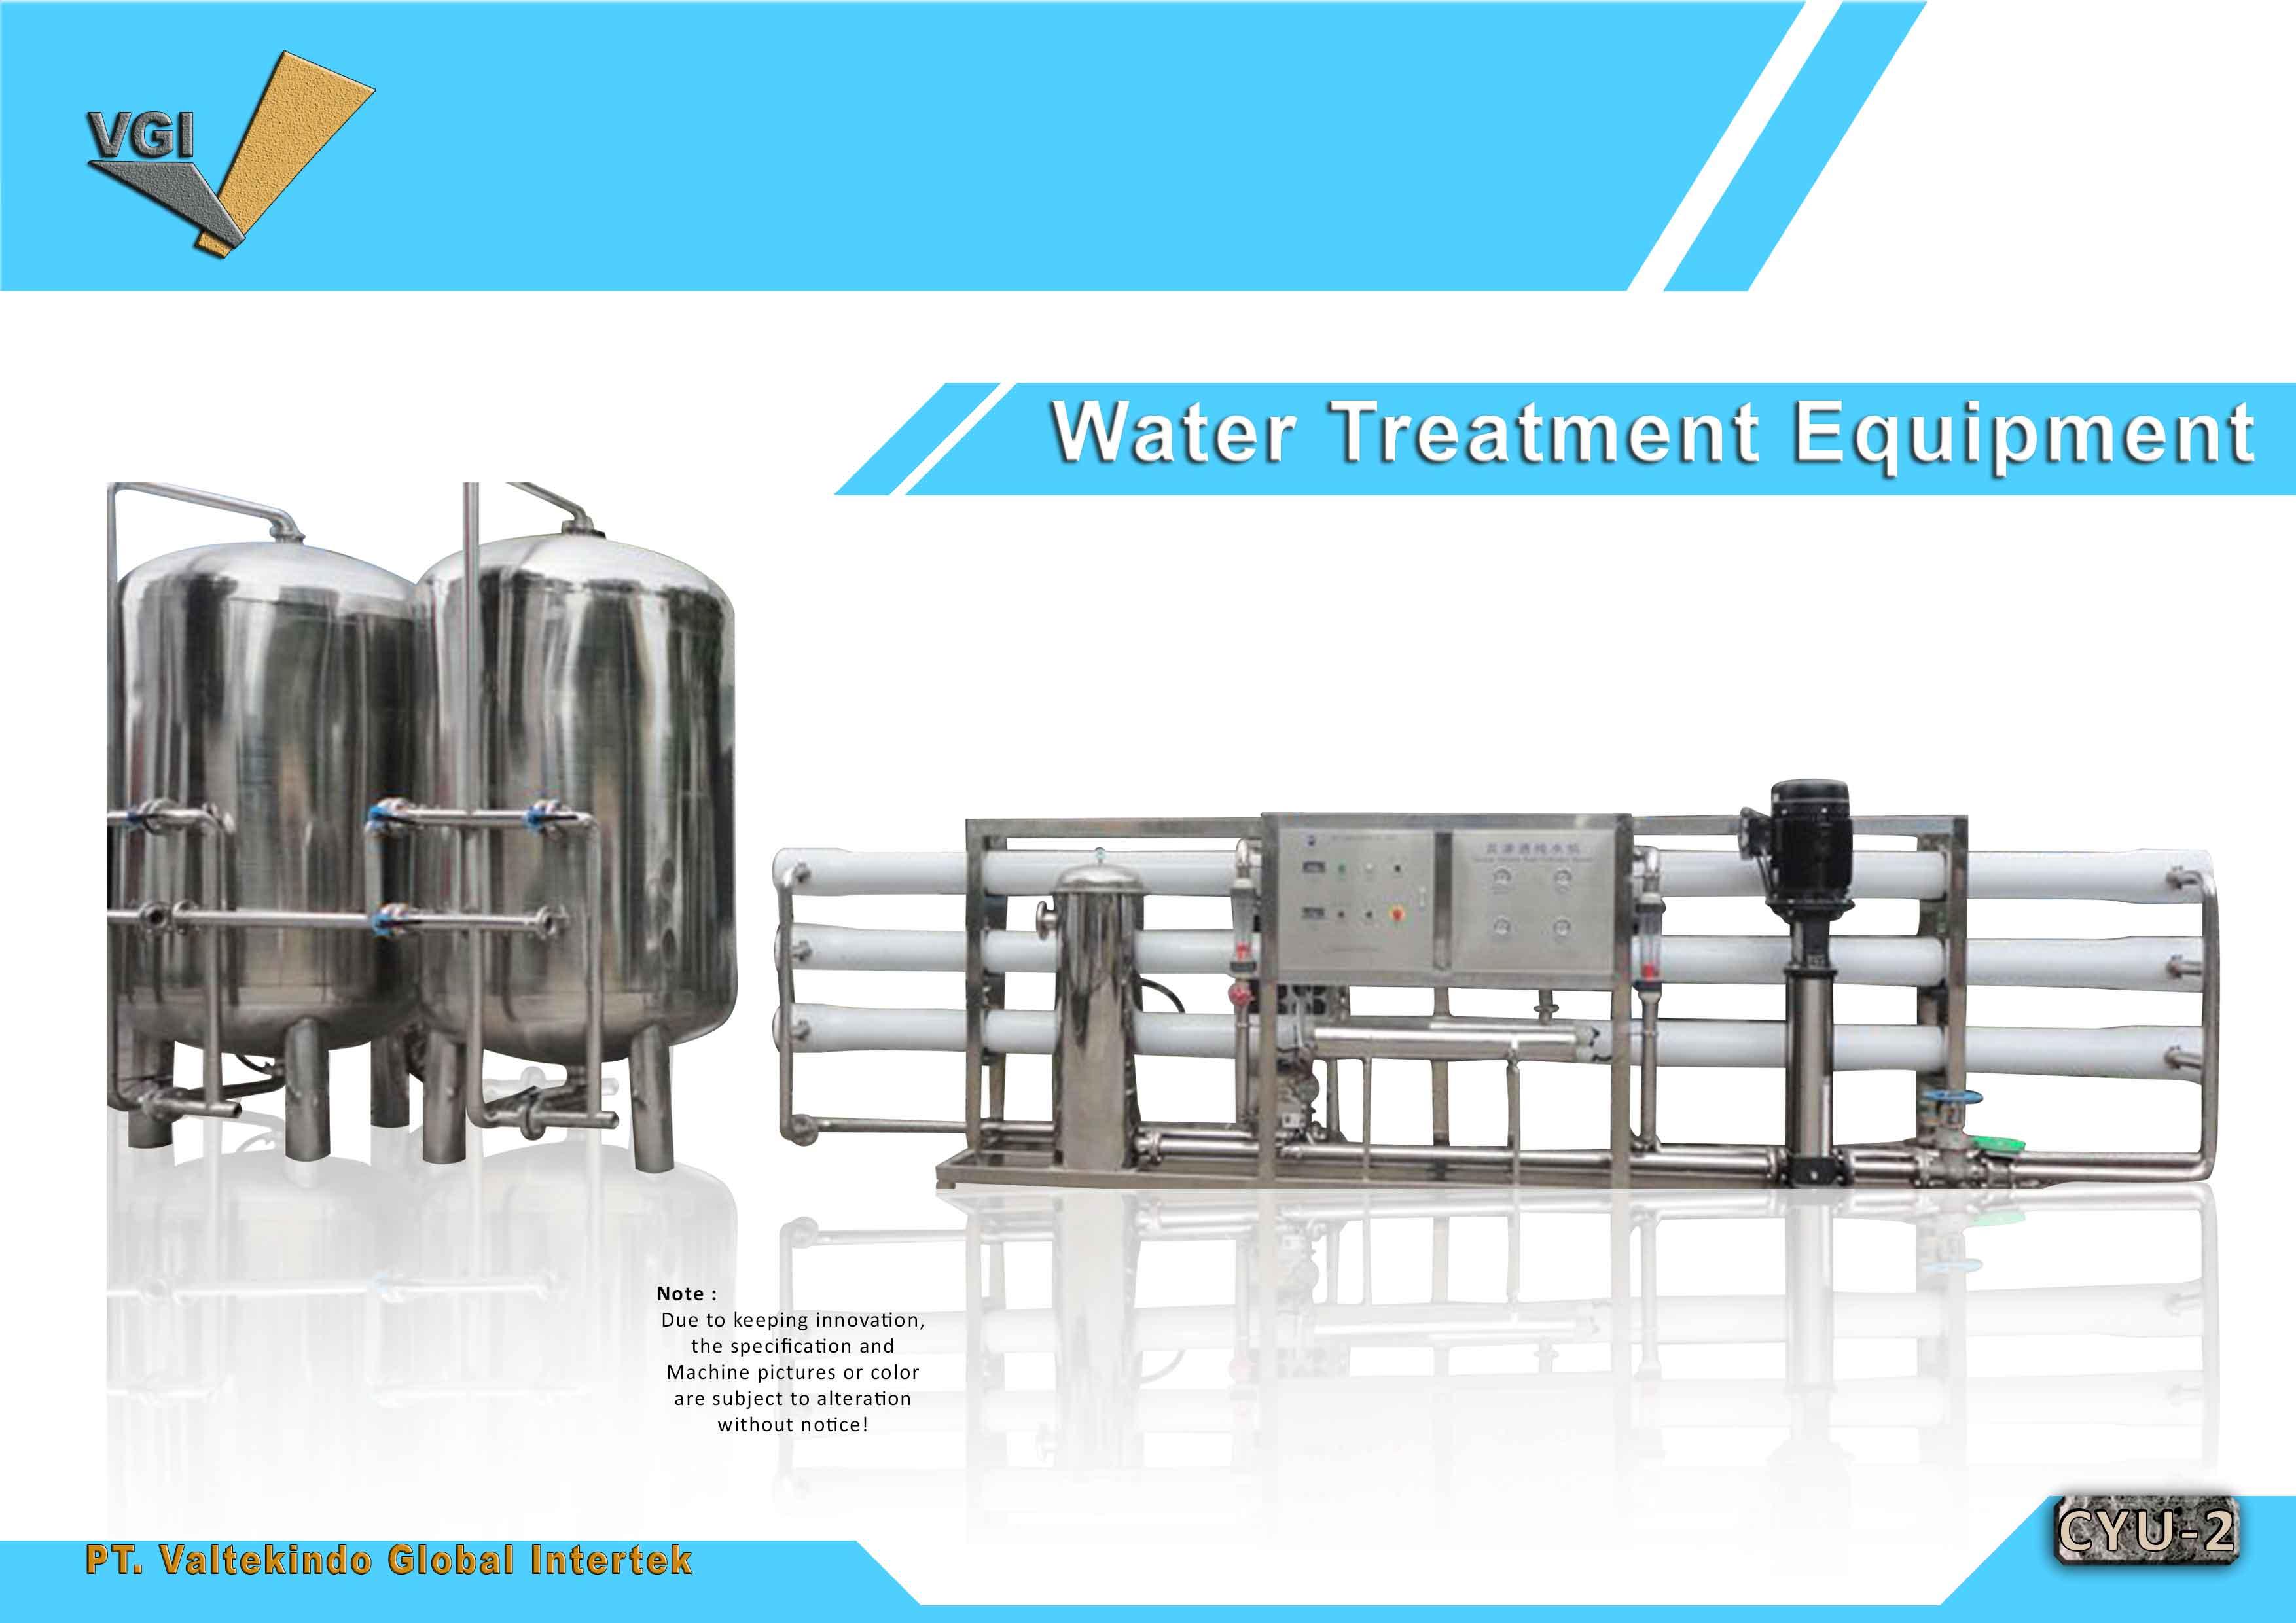 jual mesin, harga mesin, distributor mesin, jual mesin karet, daur ulang plastik Water Treatment Equipment Water Treatment Equipment